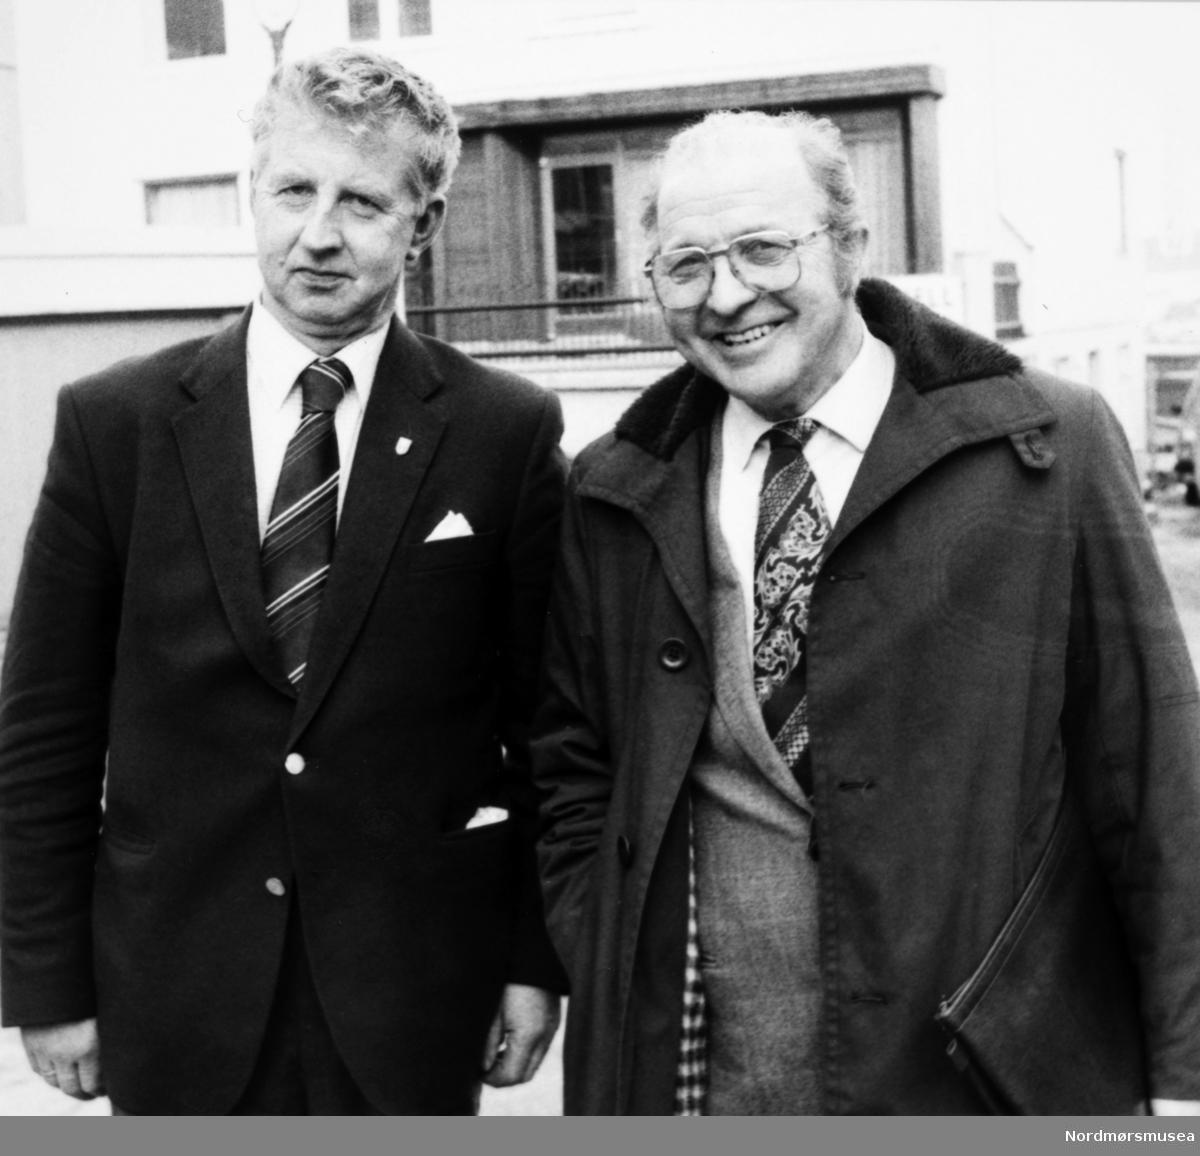 Til venstre: Arnt Astad. Bildet er fra avisa Tidens Krav sitt arkiv i tidsrommet 1970-1994. Nå i Nordmøre museums fotosamling.